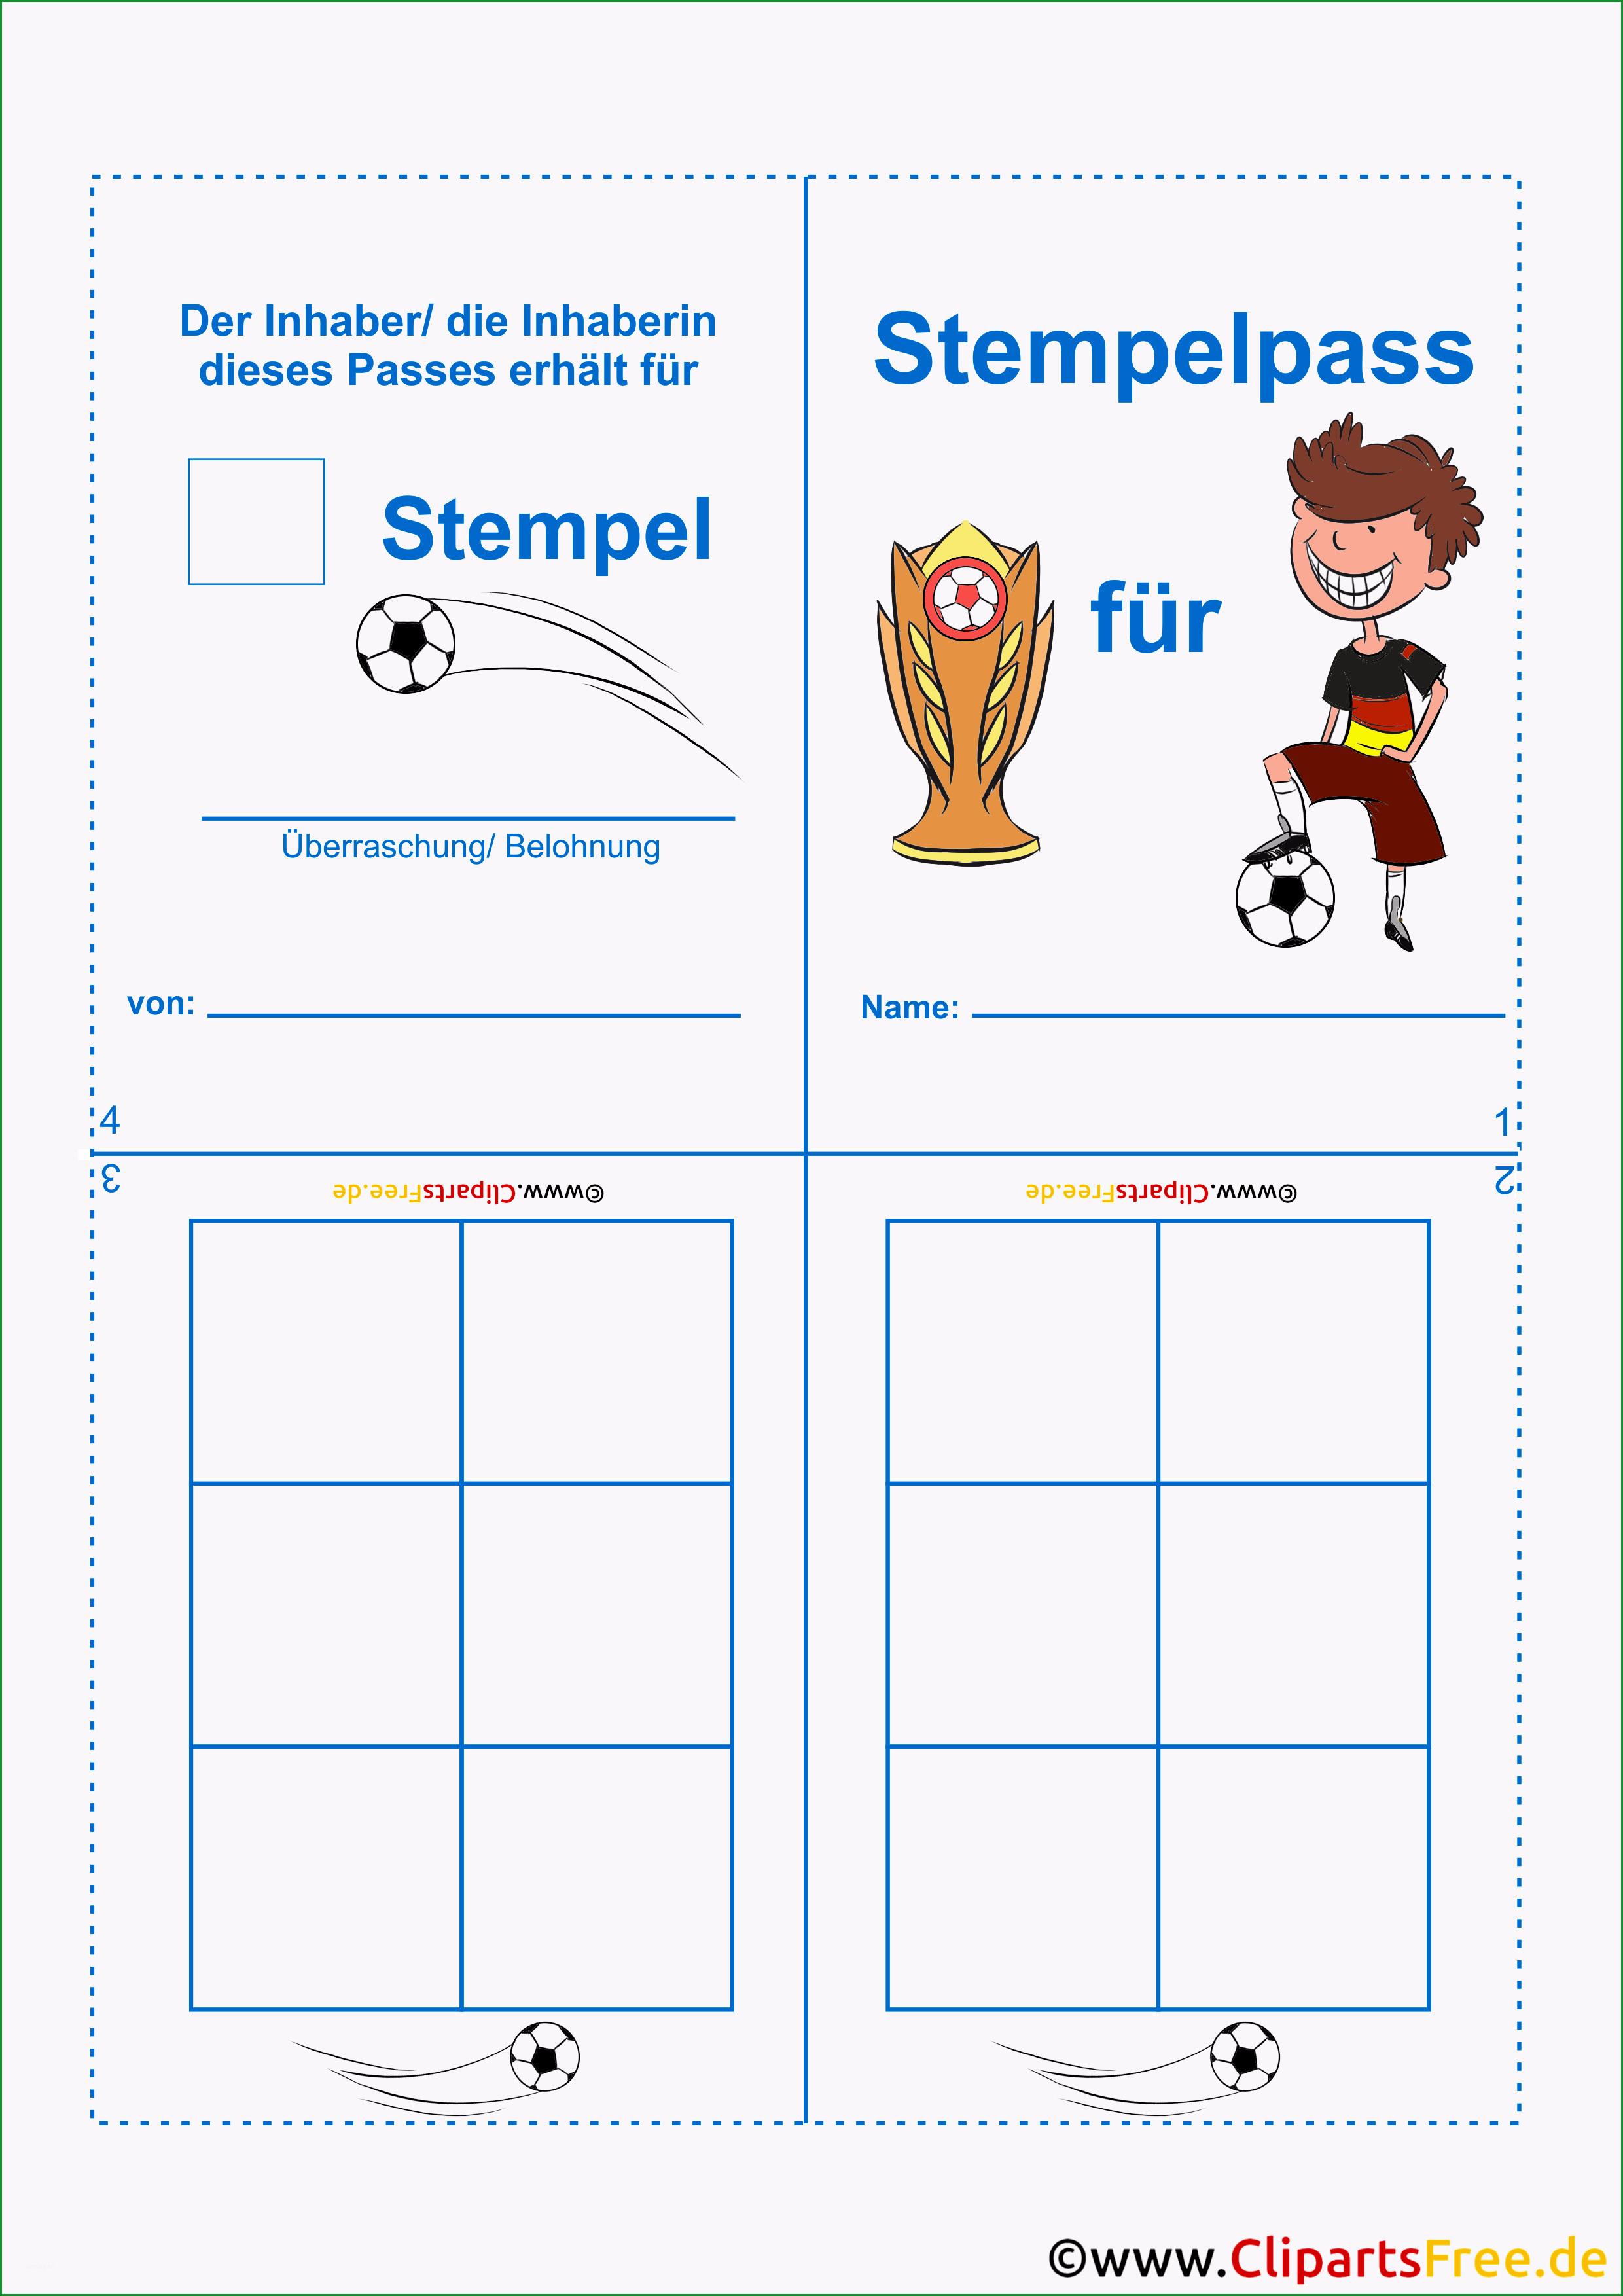 Sensationell Stempelkarte Vorlage Für Kinder